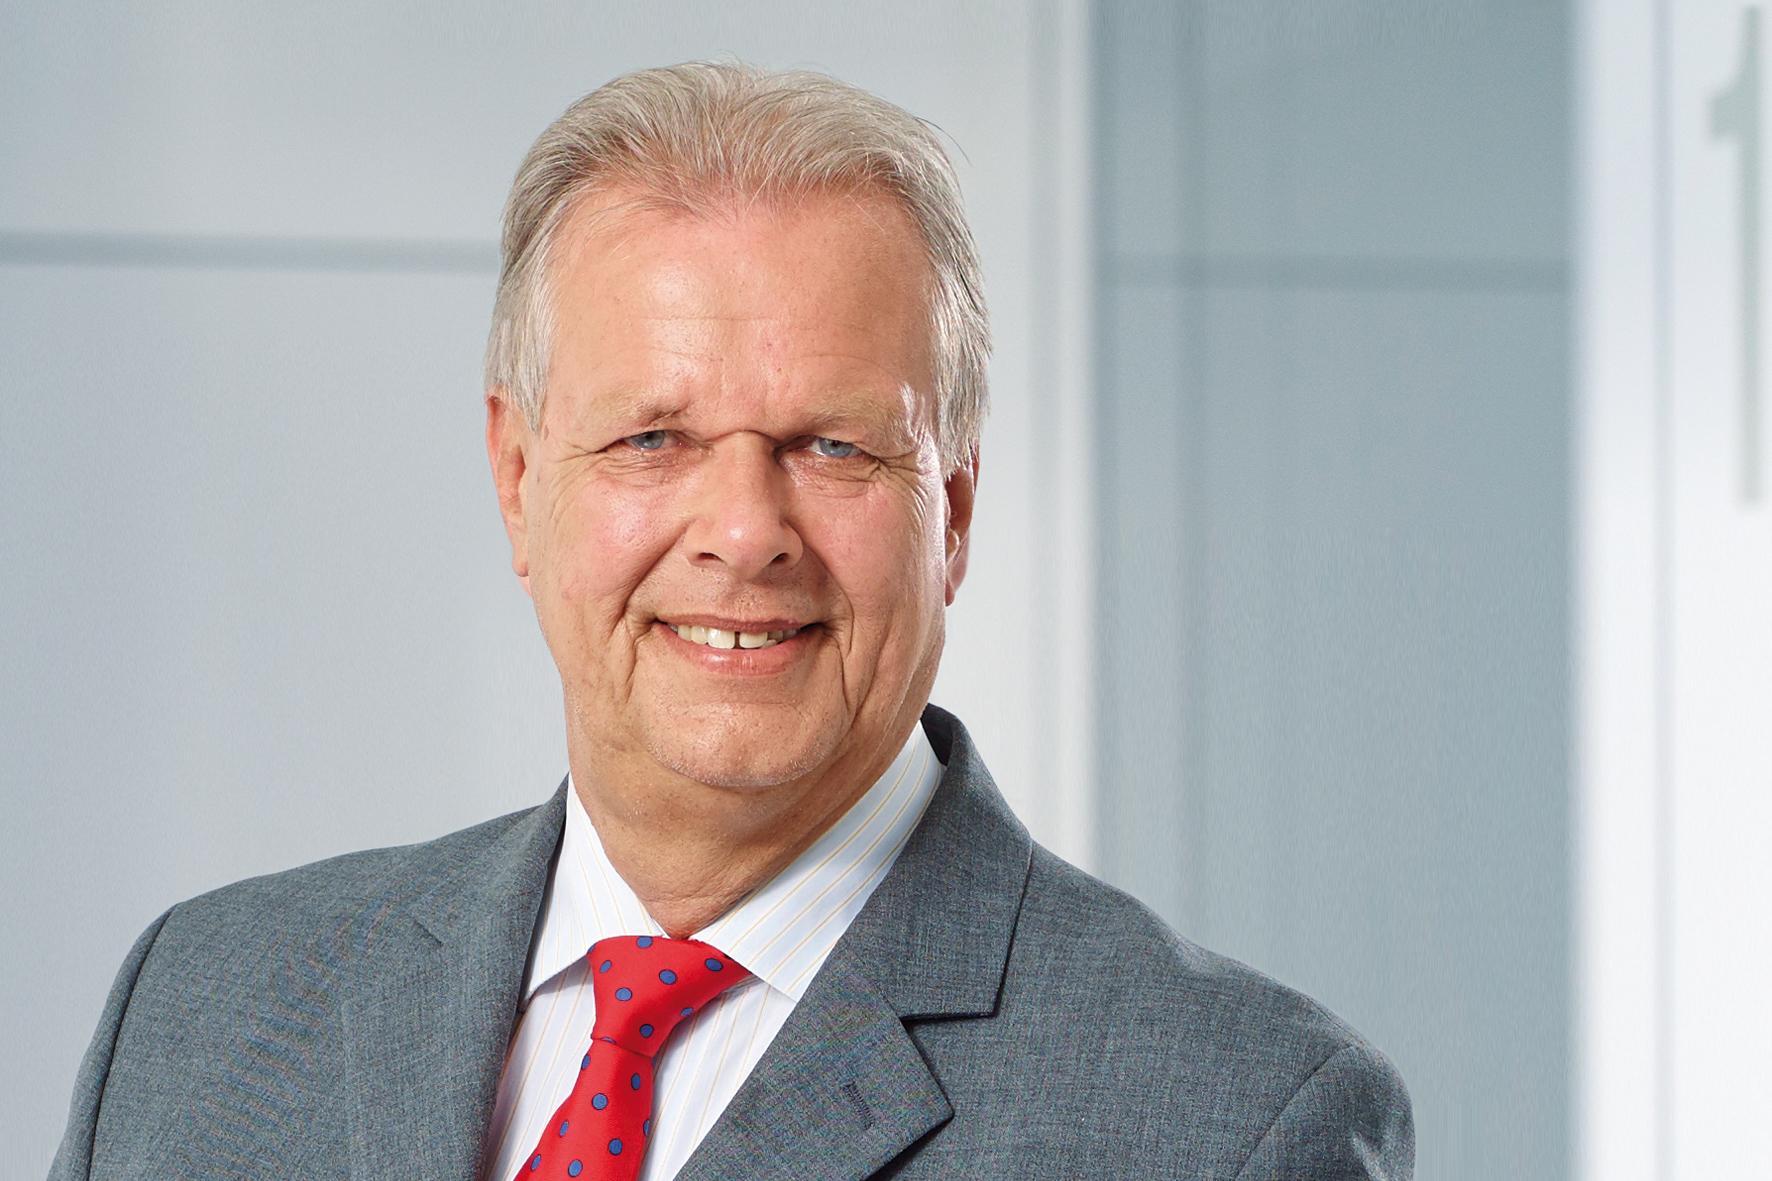 Wolfgang Niemsch